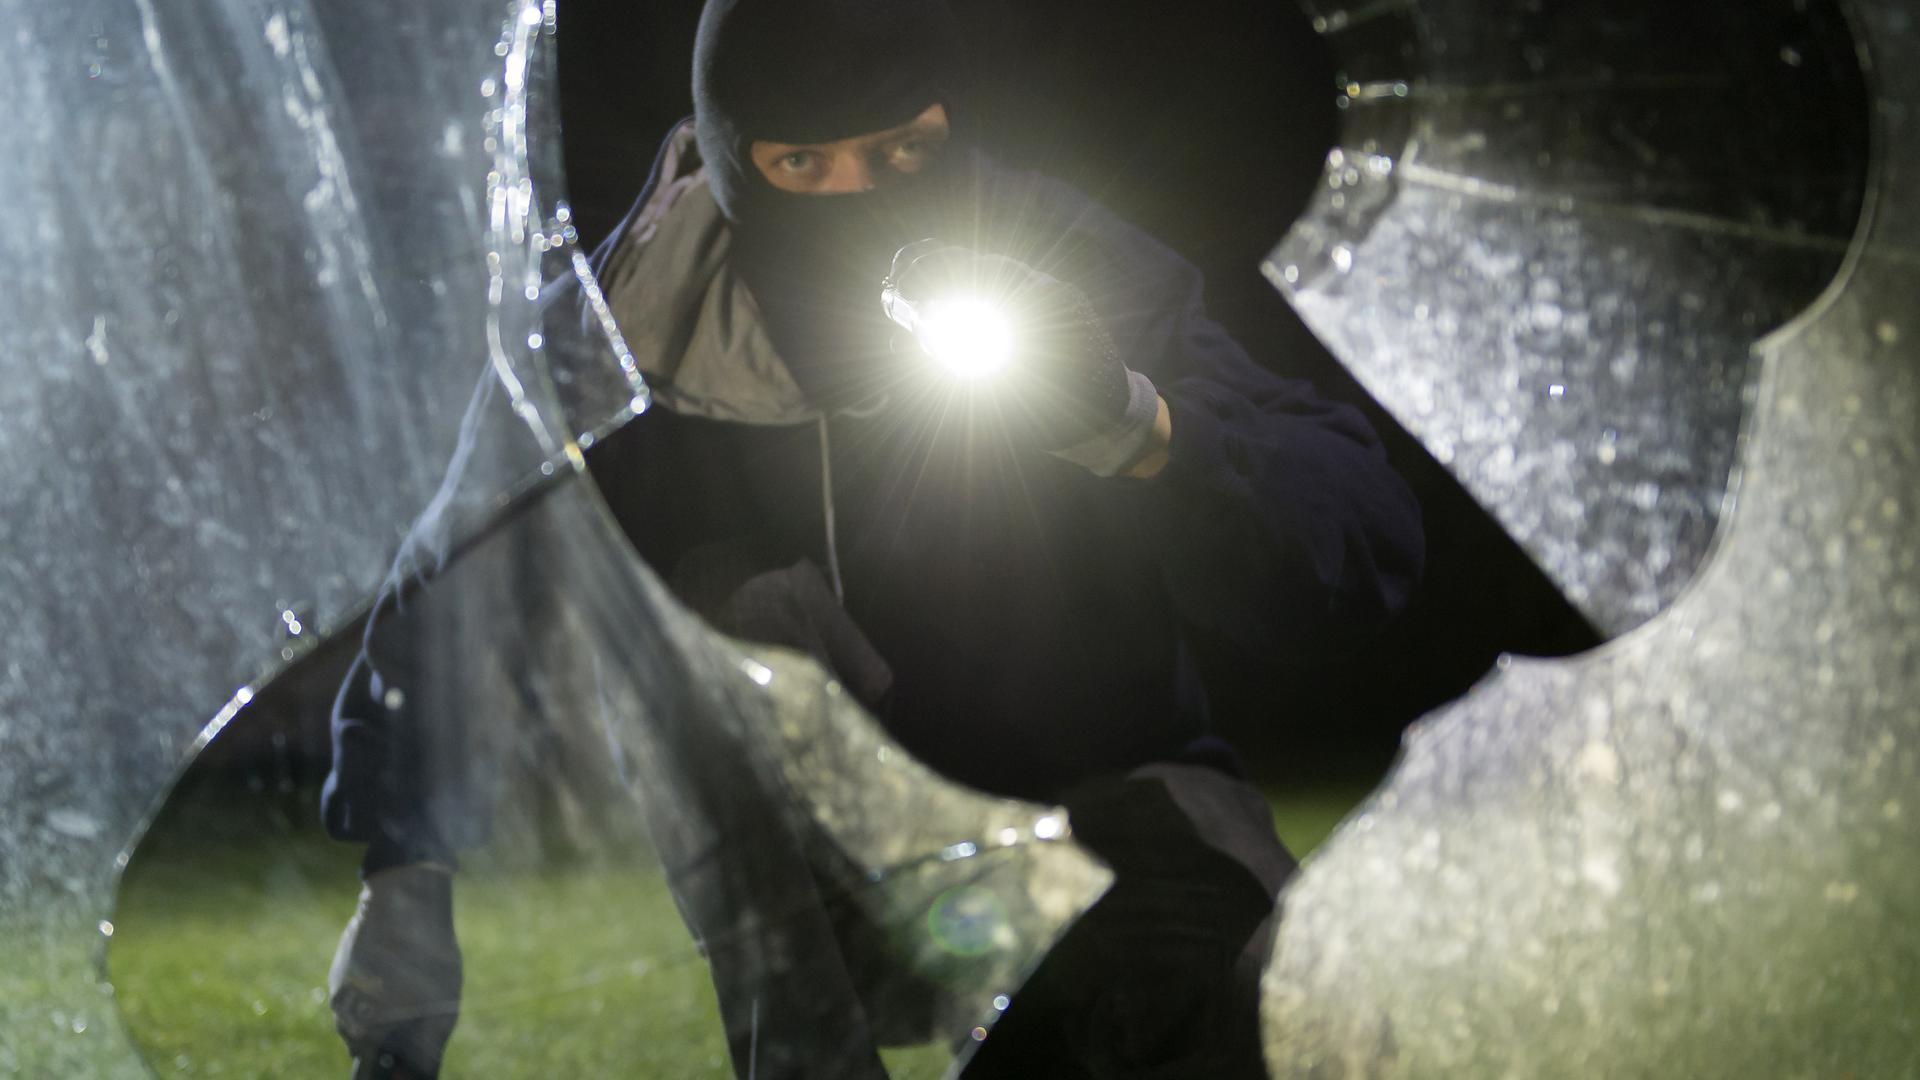 ARCHIV- ILLUSTRATION - Ein fiktiver Einbrecher blickt am 23.07.2015 an einem Haus in Göppingen (Baden-Württemberg) durch eine eingeschlagene Fensterscheibe (gestellte Szene). Am 25.10.2015 findet der Tag des Einbruchschutzes statt. Ziel ist es, die Bevölkerung für den Einbruchschutz zu sensibilisieren. Foto: Daniel Maurer/dpa (zu lsw Korr: «Einbrüche» vom 16.12.2015) +++ dpa-Bildfunk +++